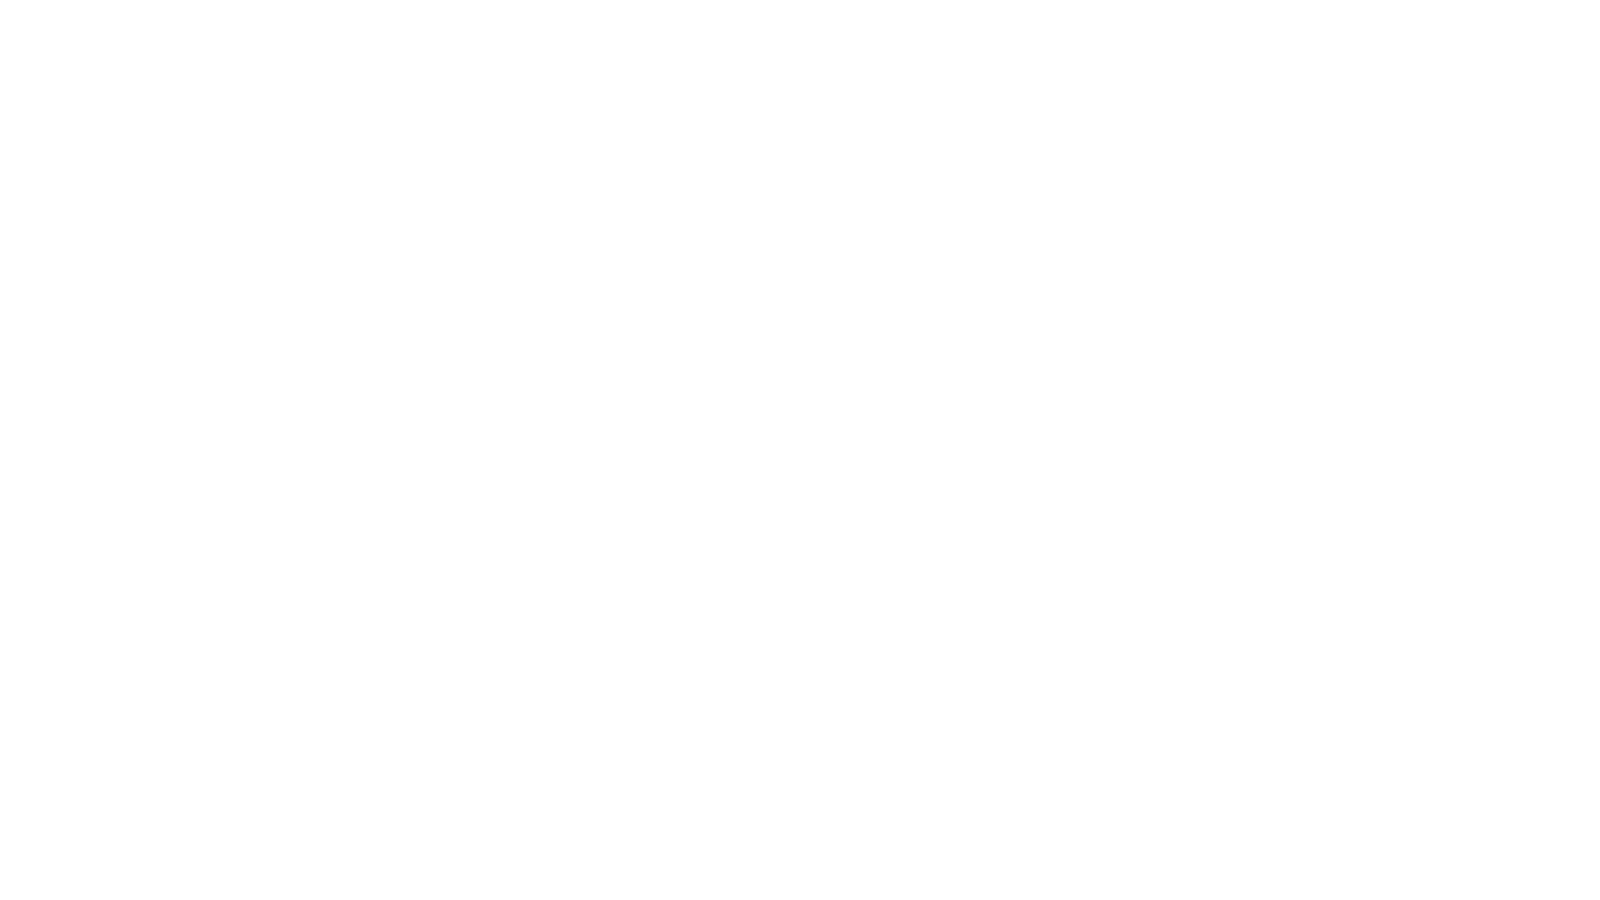 Roald Ribe som er politisk nestleder i Liberalistene, er invitert for å prate om presidenskiftet i USA. Han er ikke begeistret for noen av de store partiene. Vi prater om betydningen av grunnlov og litt om begivenhetene  6. januar og impeachmentet av Trump. Det trekkes paralleller mellom Liberalistene og Libertarian Party.  Bent Johans hjørne spilles inn i biblioteket til Liberalerens redaktør, Bent Johan Mosfjell. Ulike gjester samtaler om emner som forhåpentligvis er av interesse for liberale mennesker. Husk å abonnere!